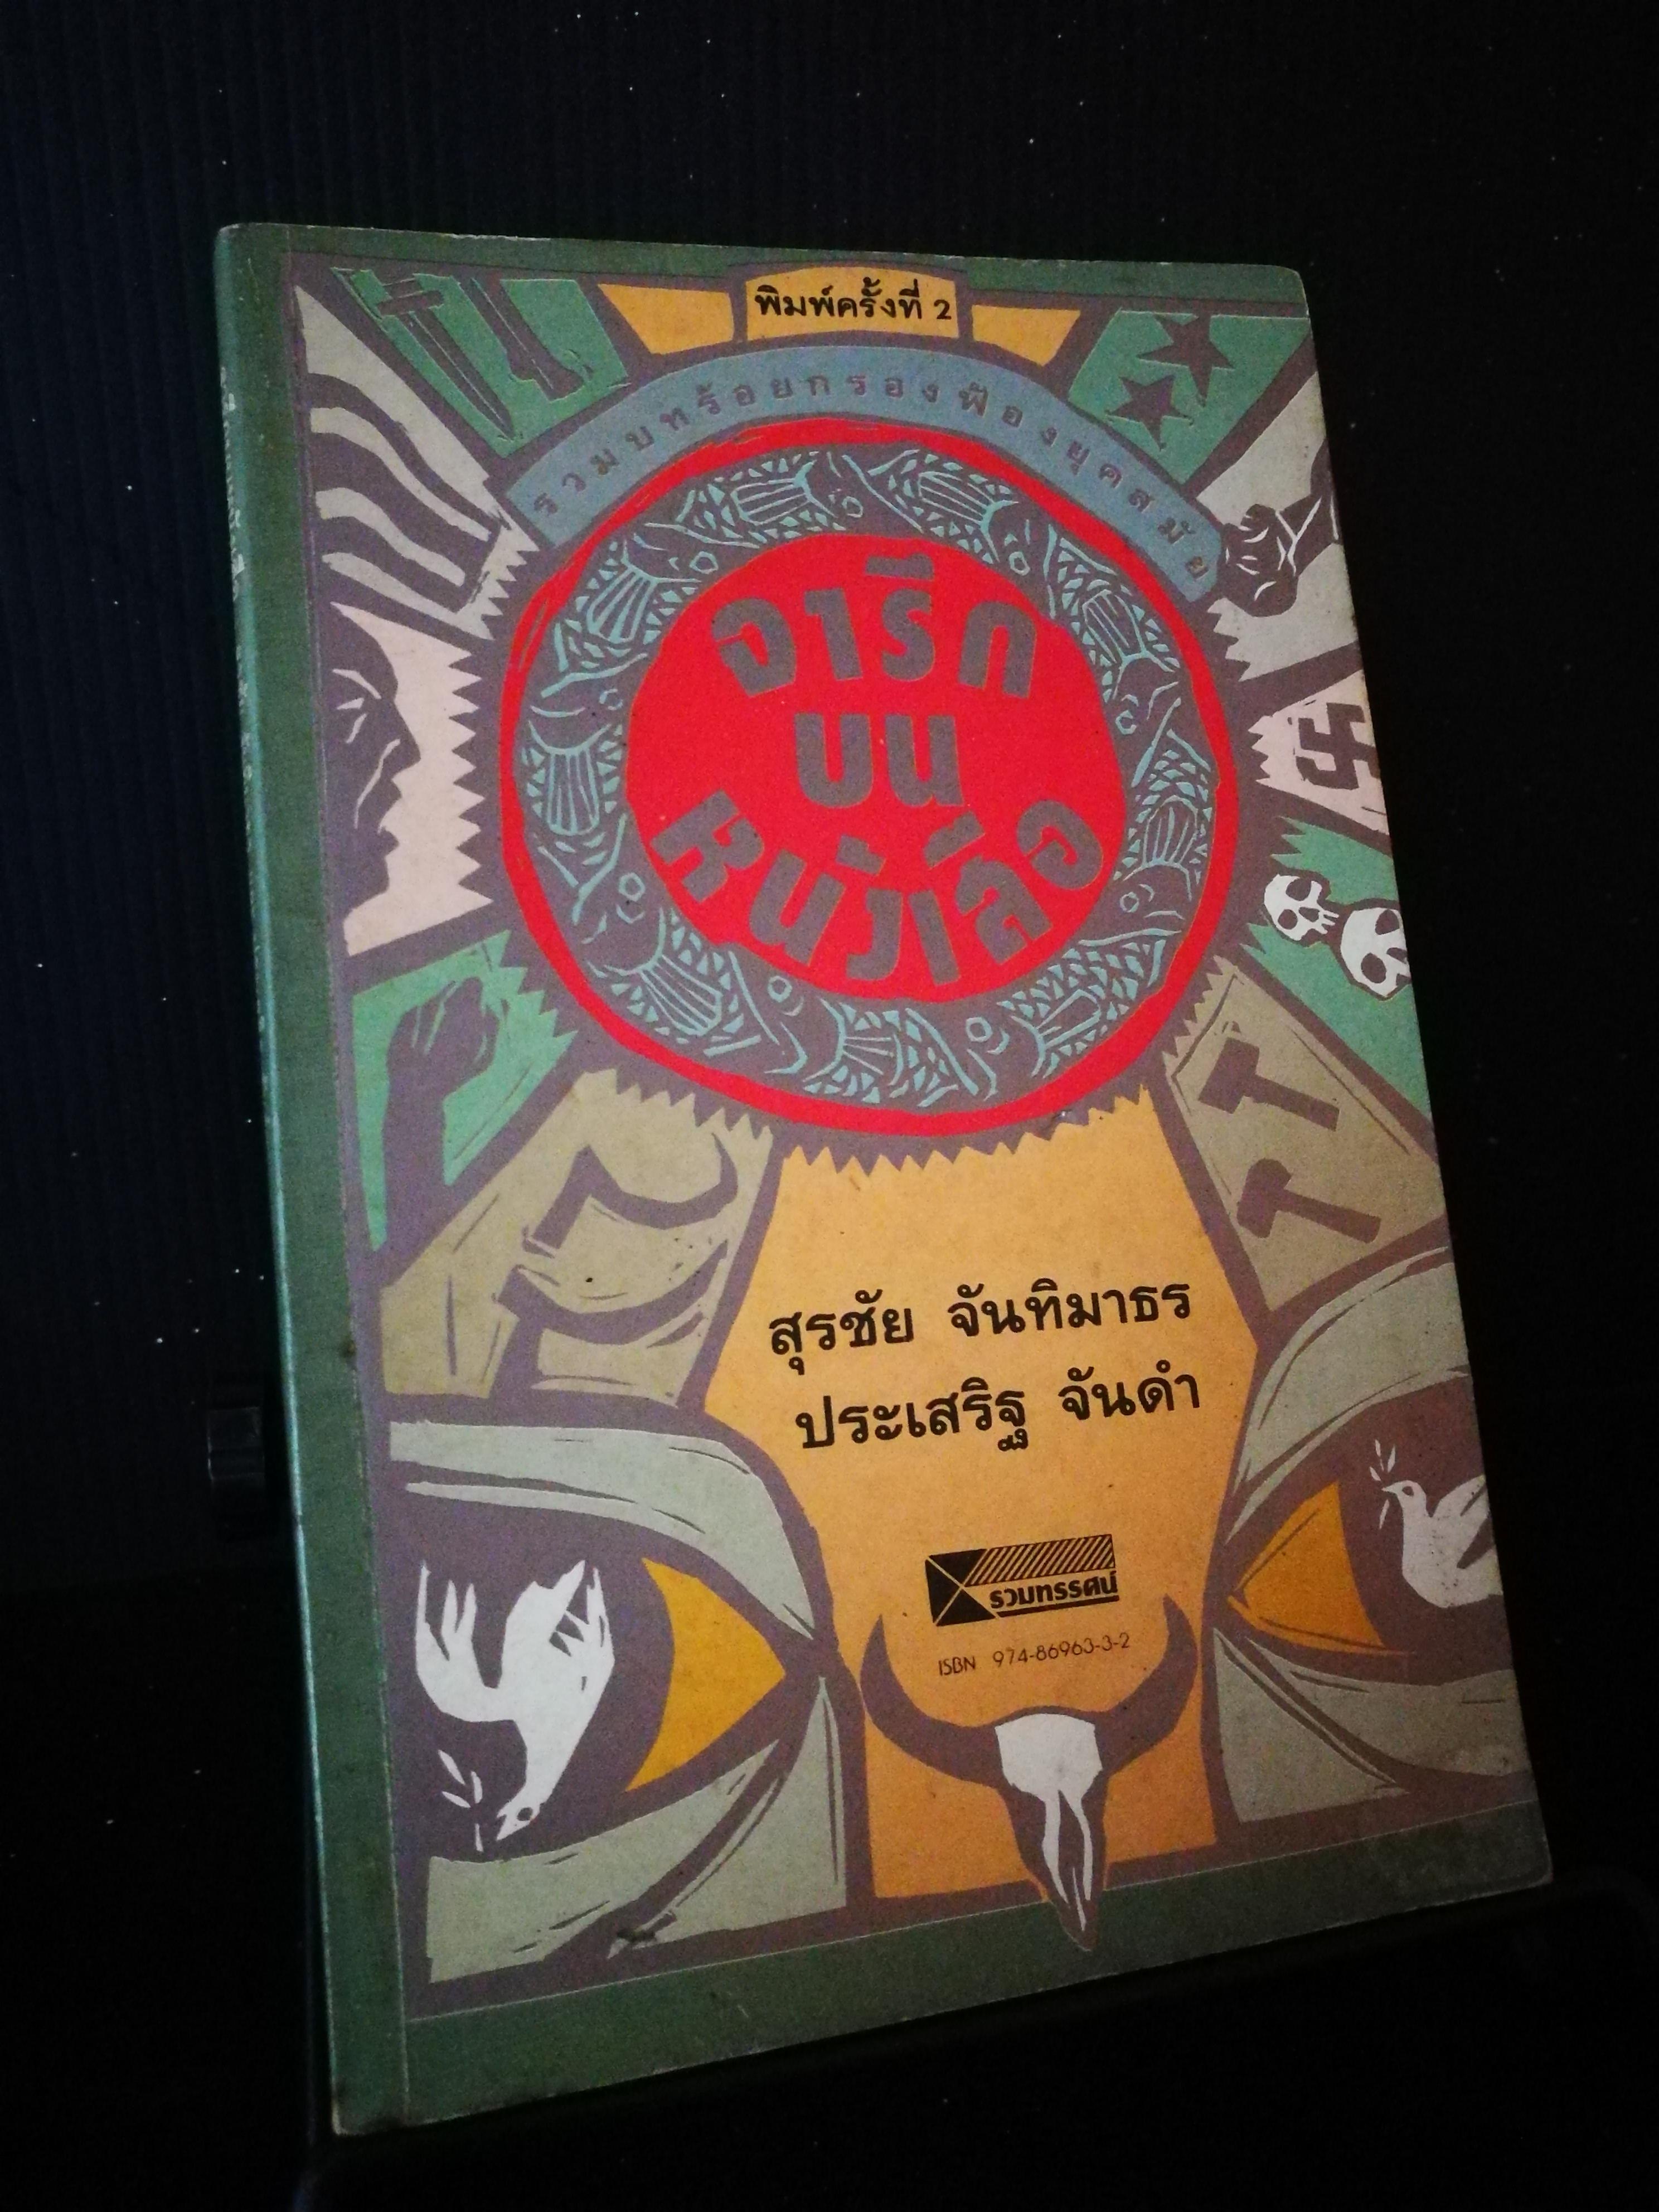 จารึกบนหนังสือ - ประเสริฐ จันดำ และ สุรชัย จันทิมาธร